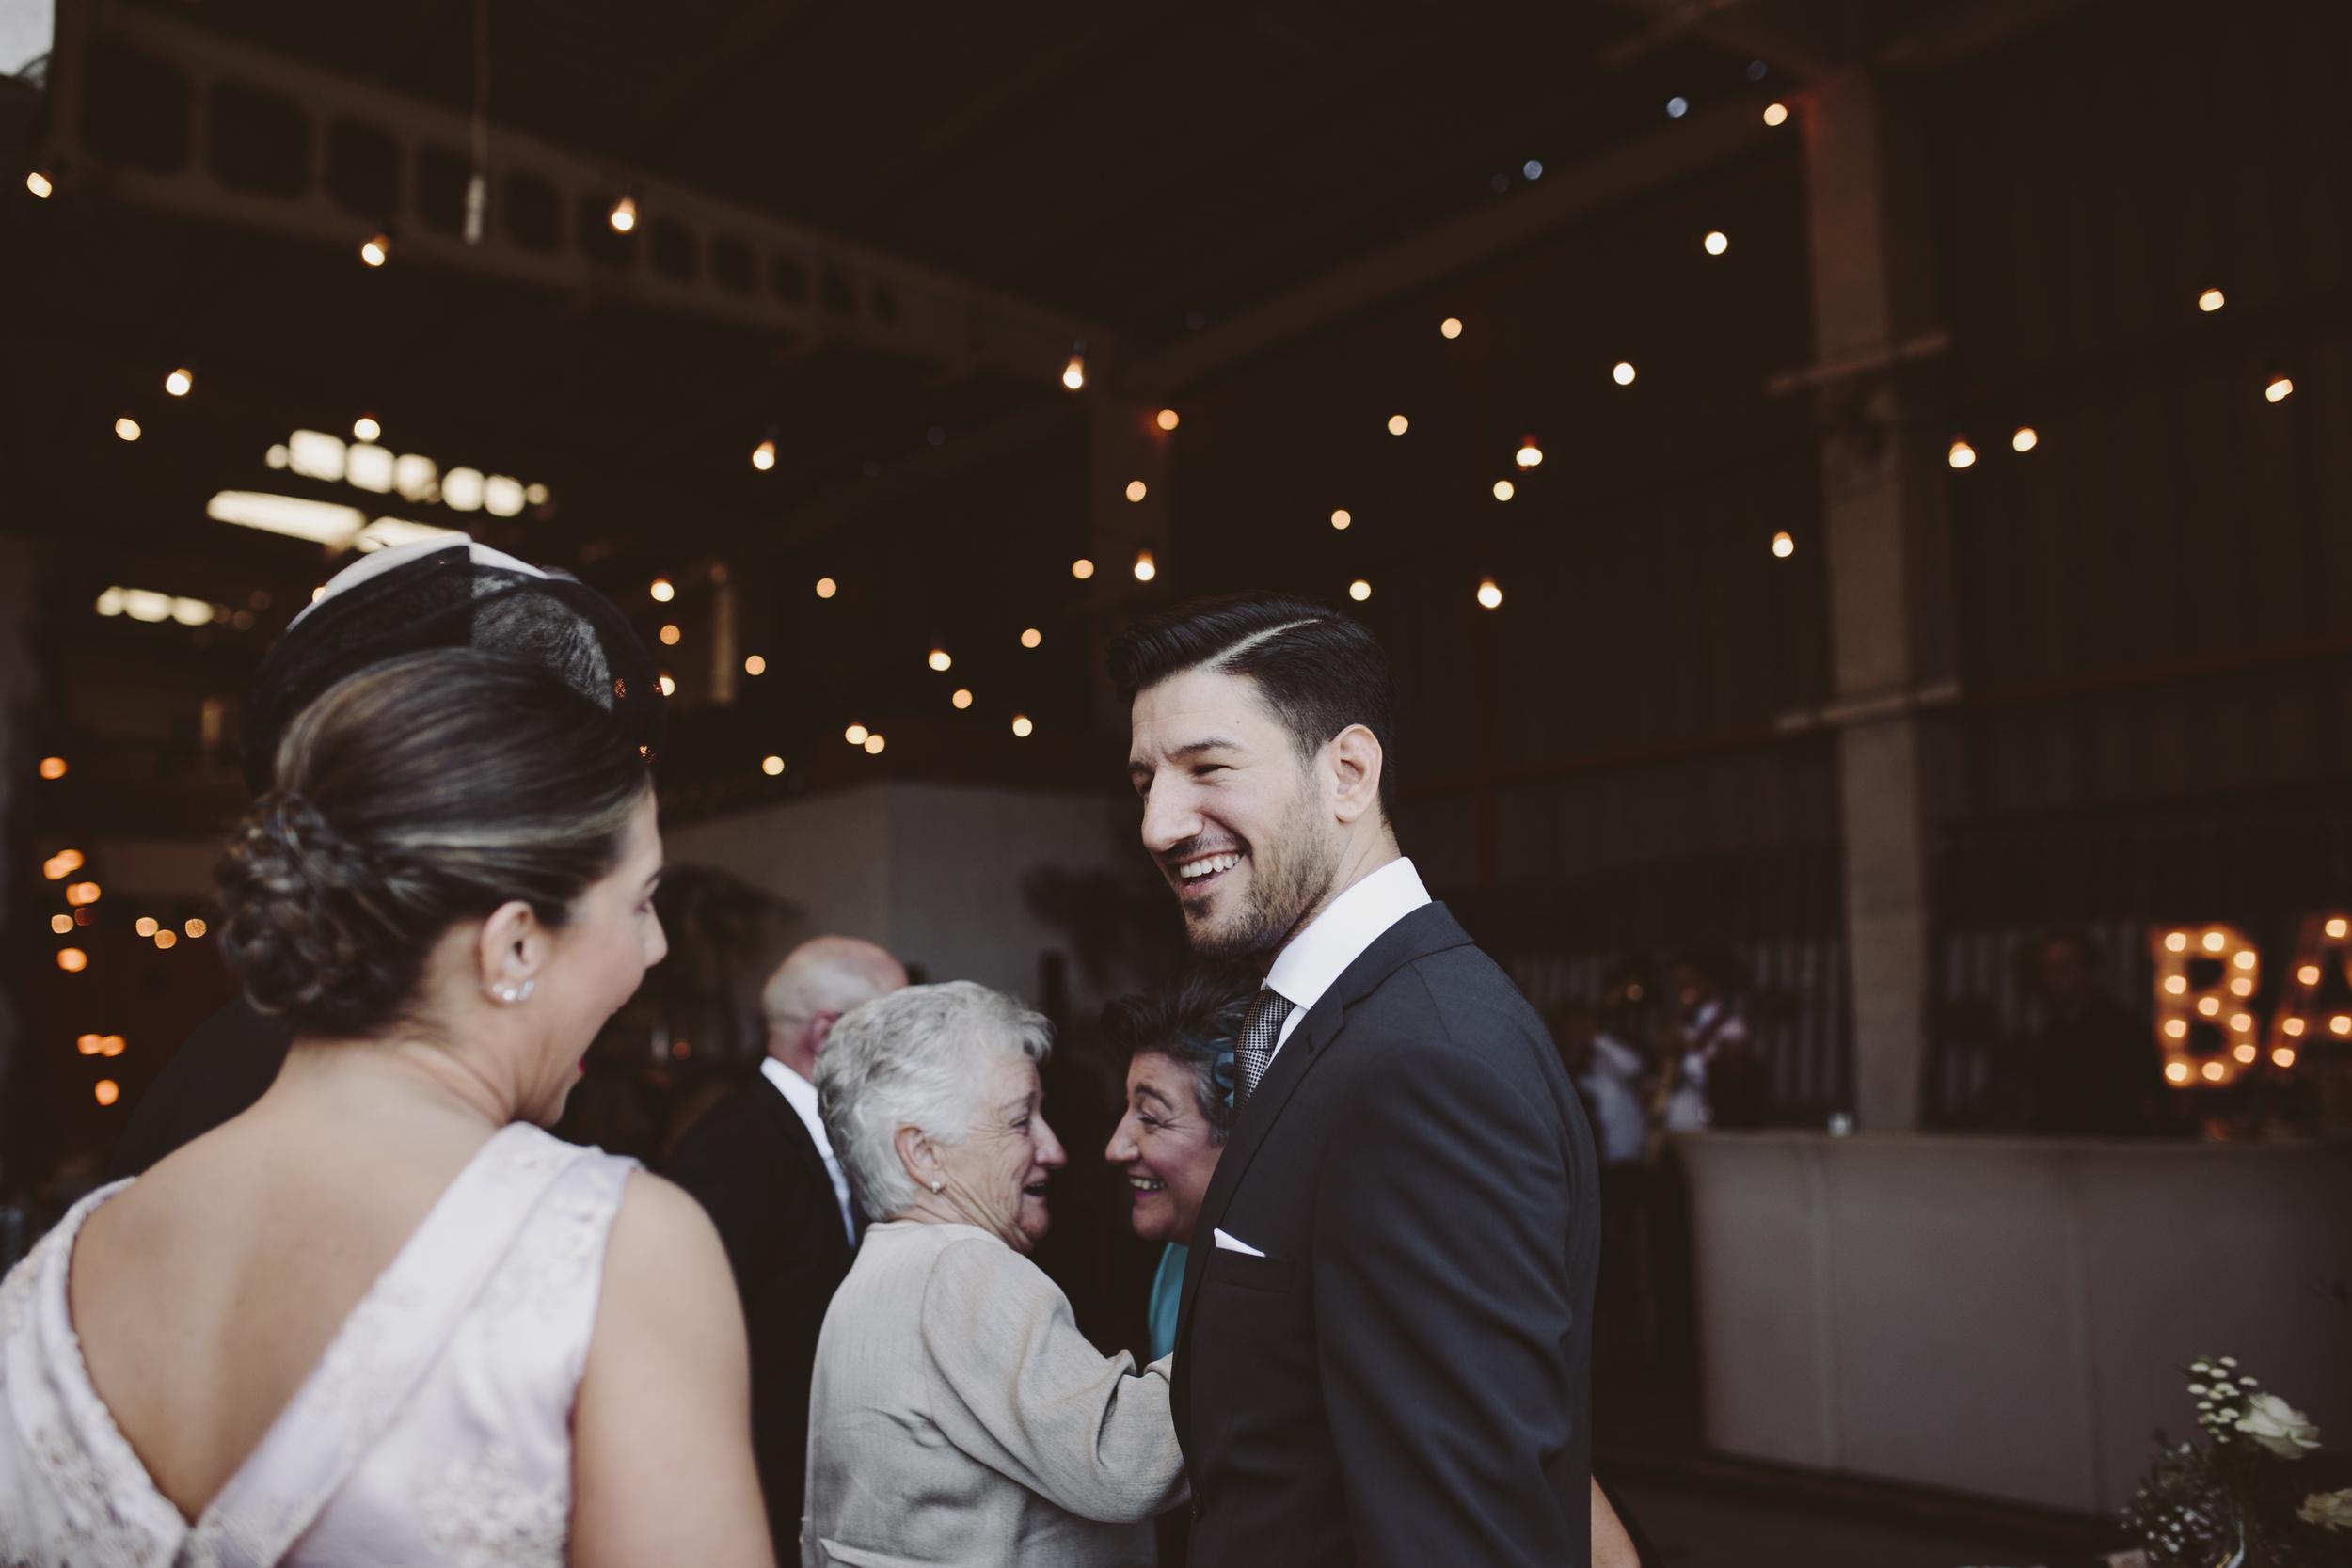 Fotografo bodas Pontevedra Graciela Vilagudin 611.jpg